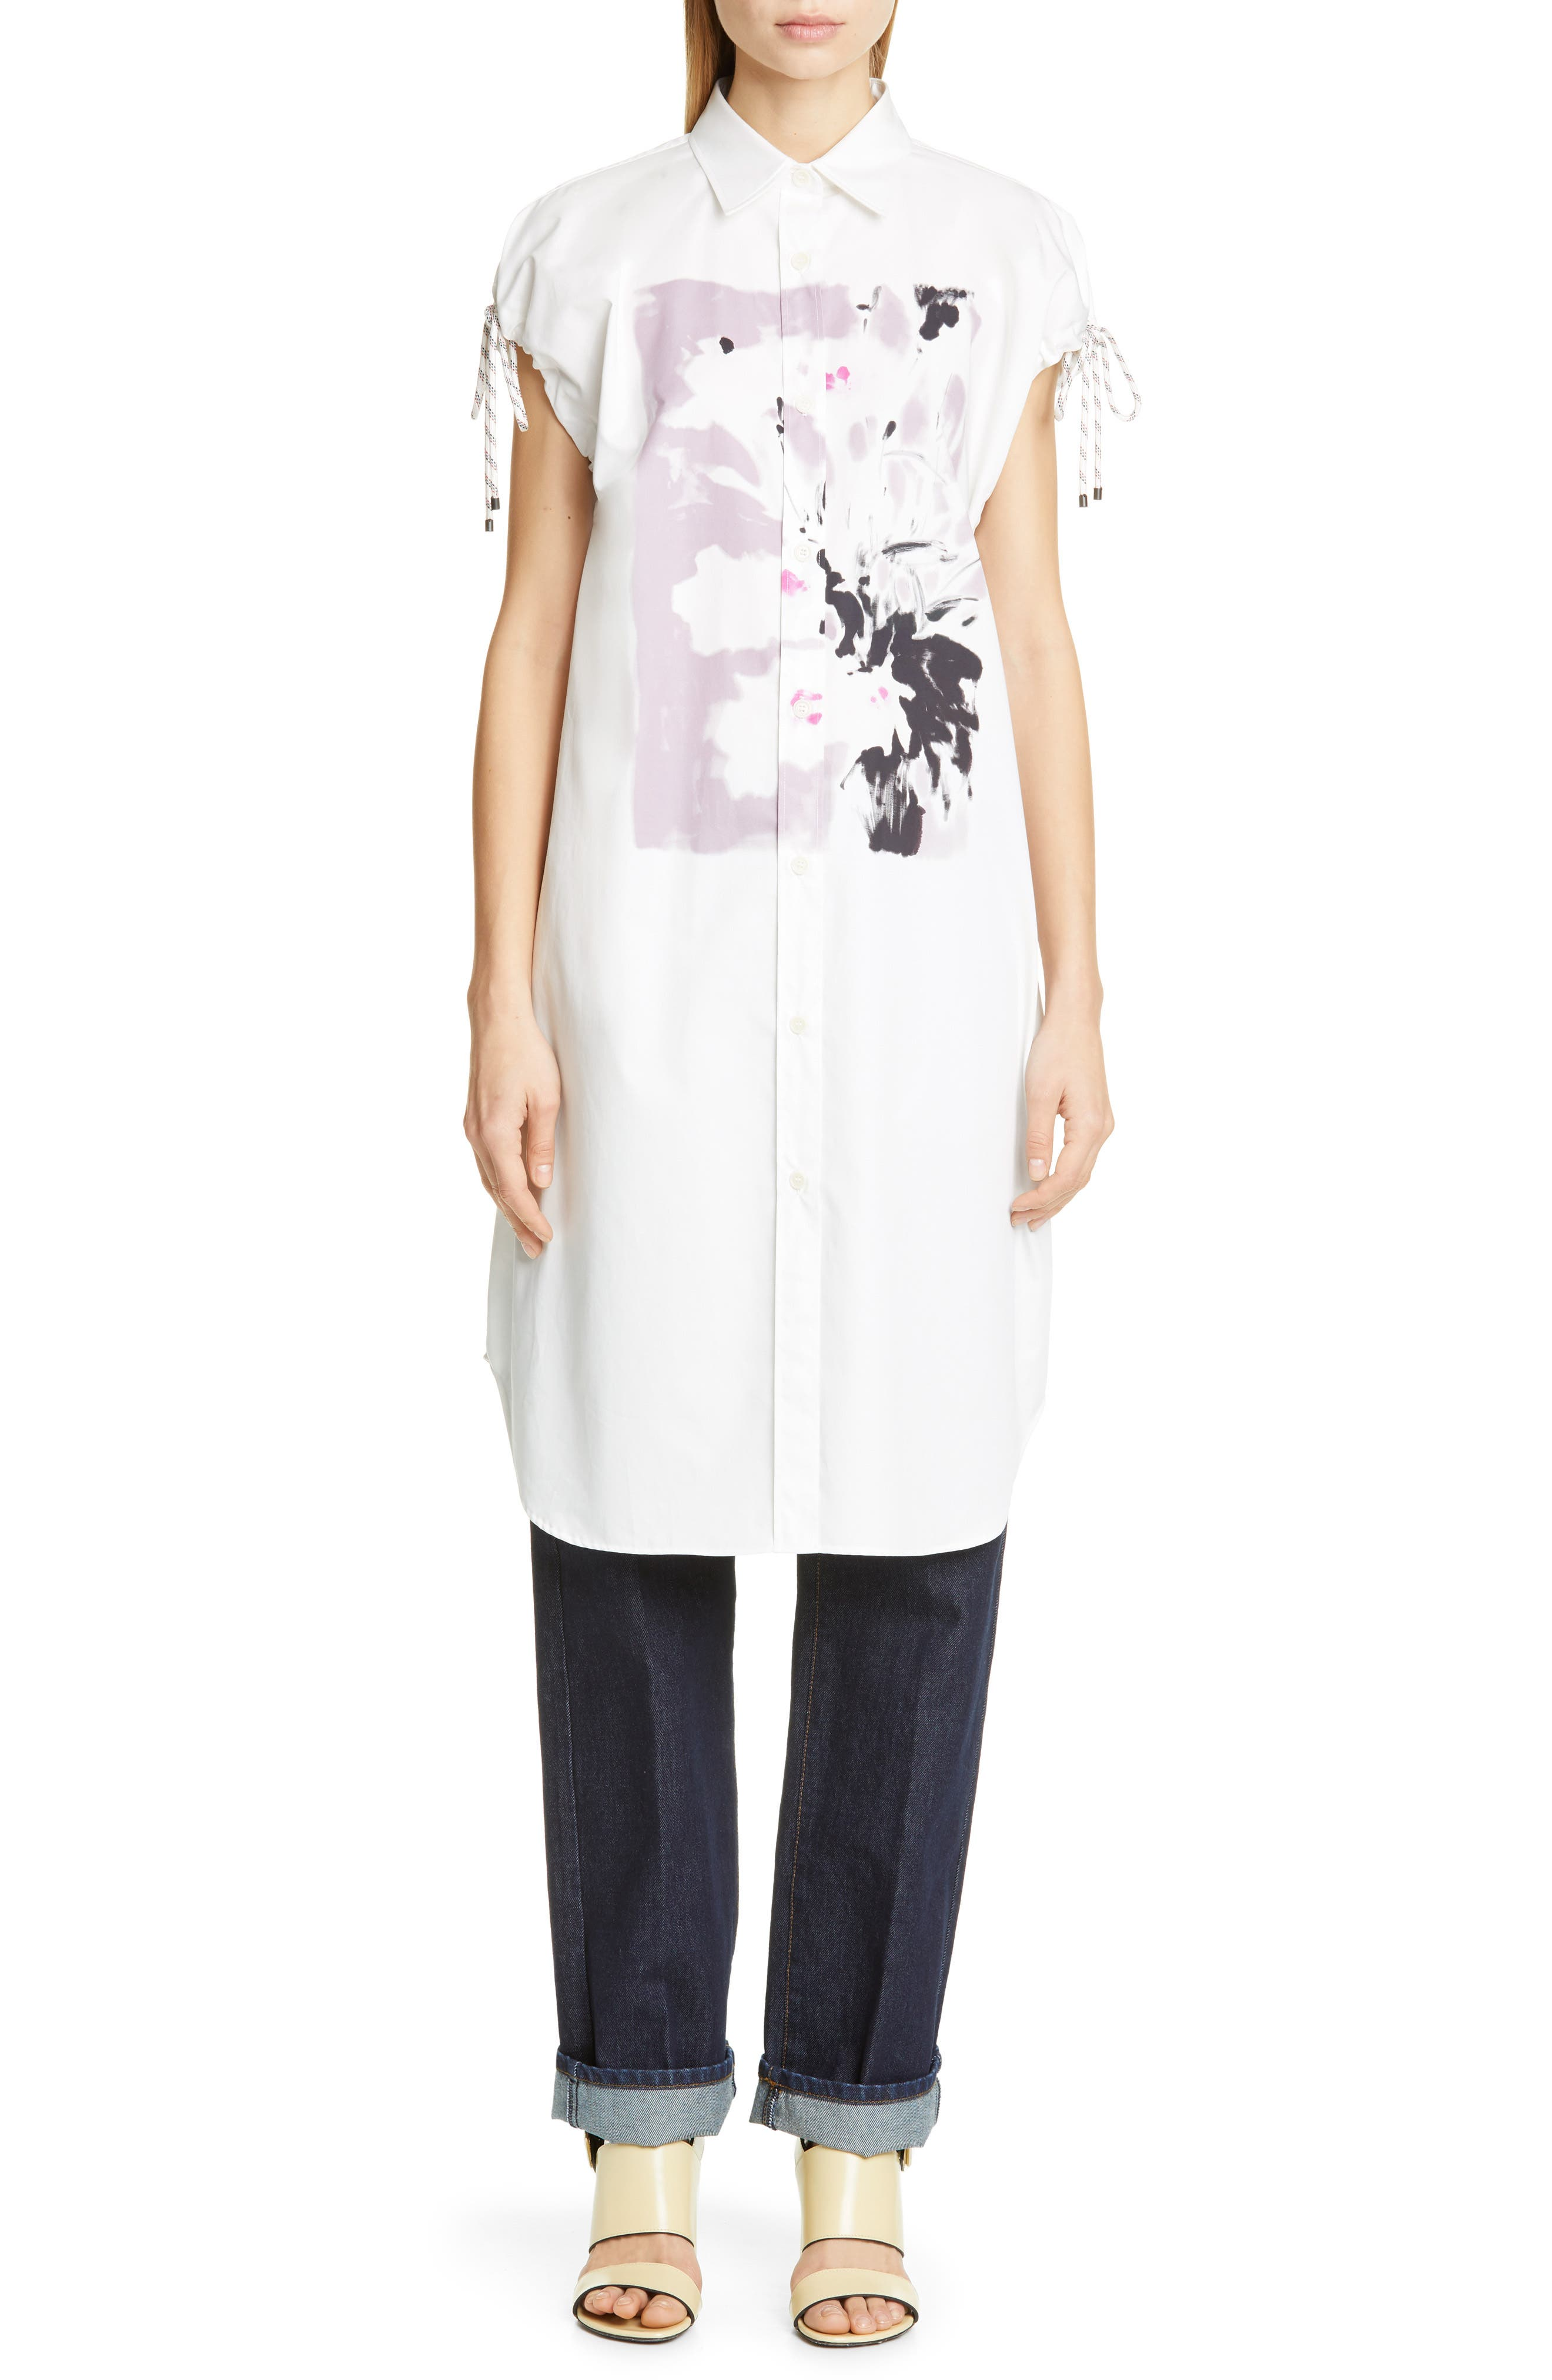 DRIES VAN NOTEN, Dantia Floral Print Cotton Shirt, Alternate thumbnail 7, color, LILAC